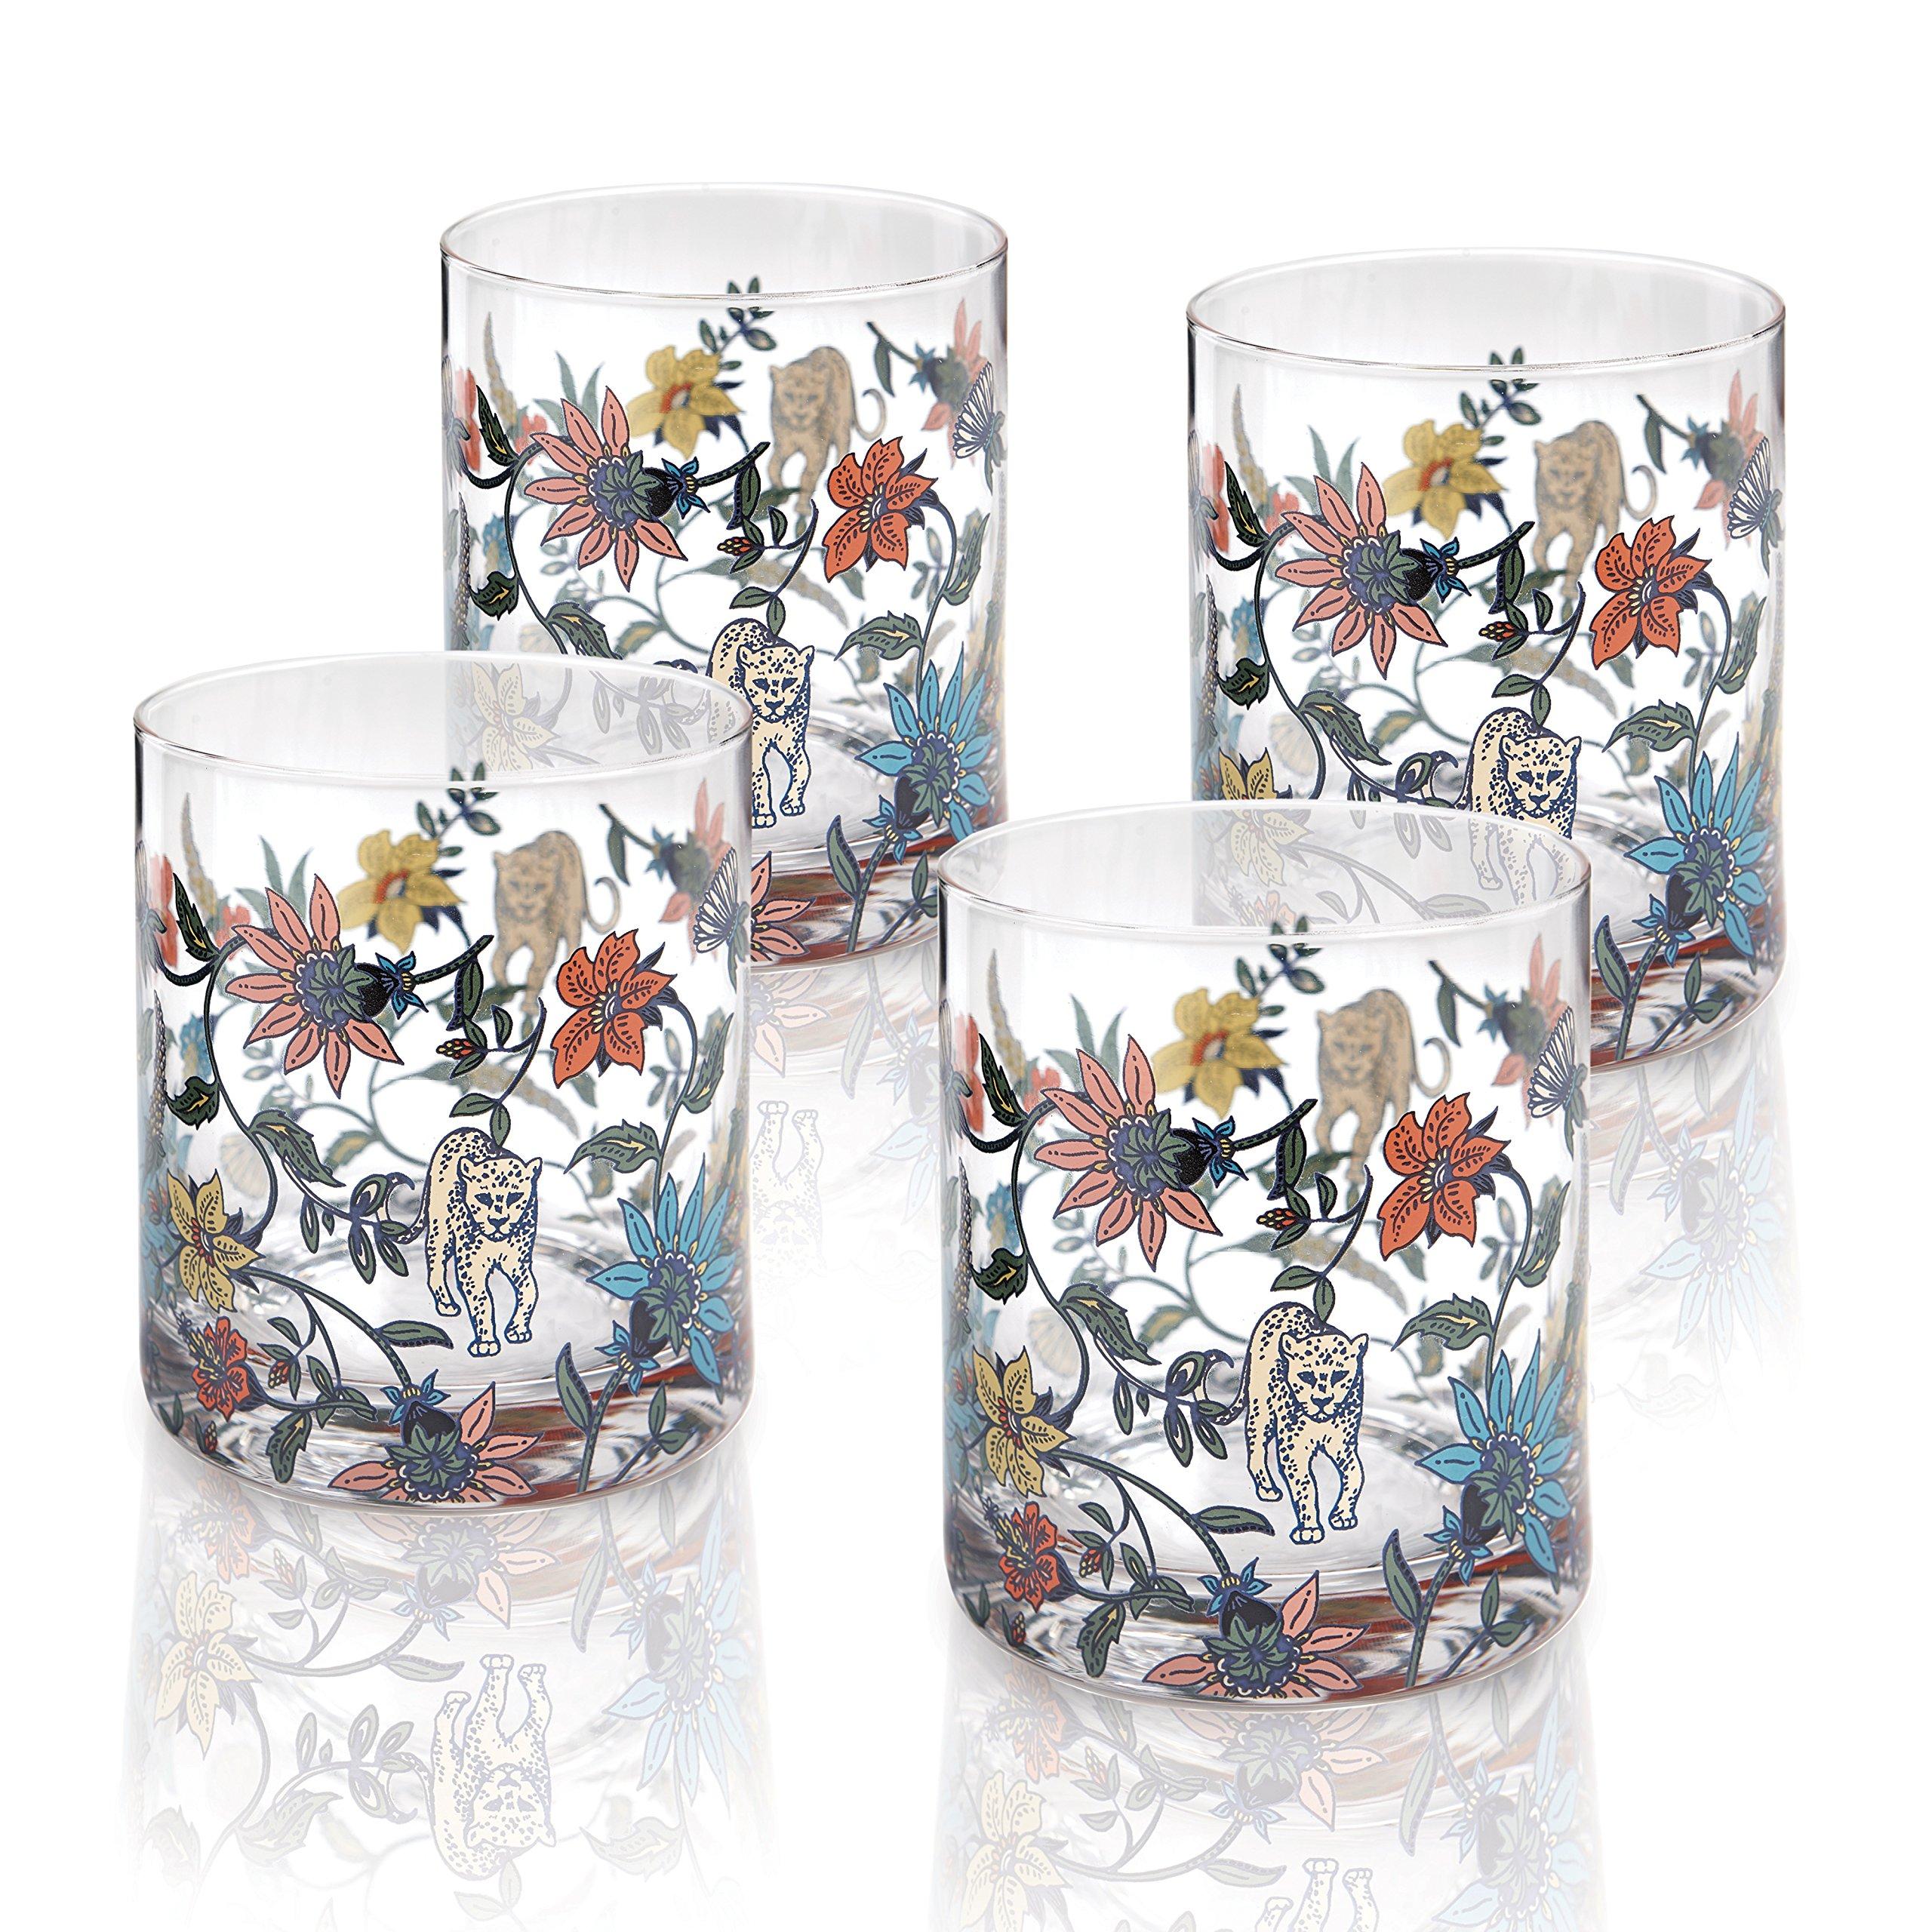 Botswana Botanical Old Fashioned Glass Set of 4 giftboxed